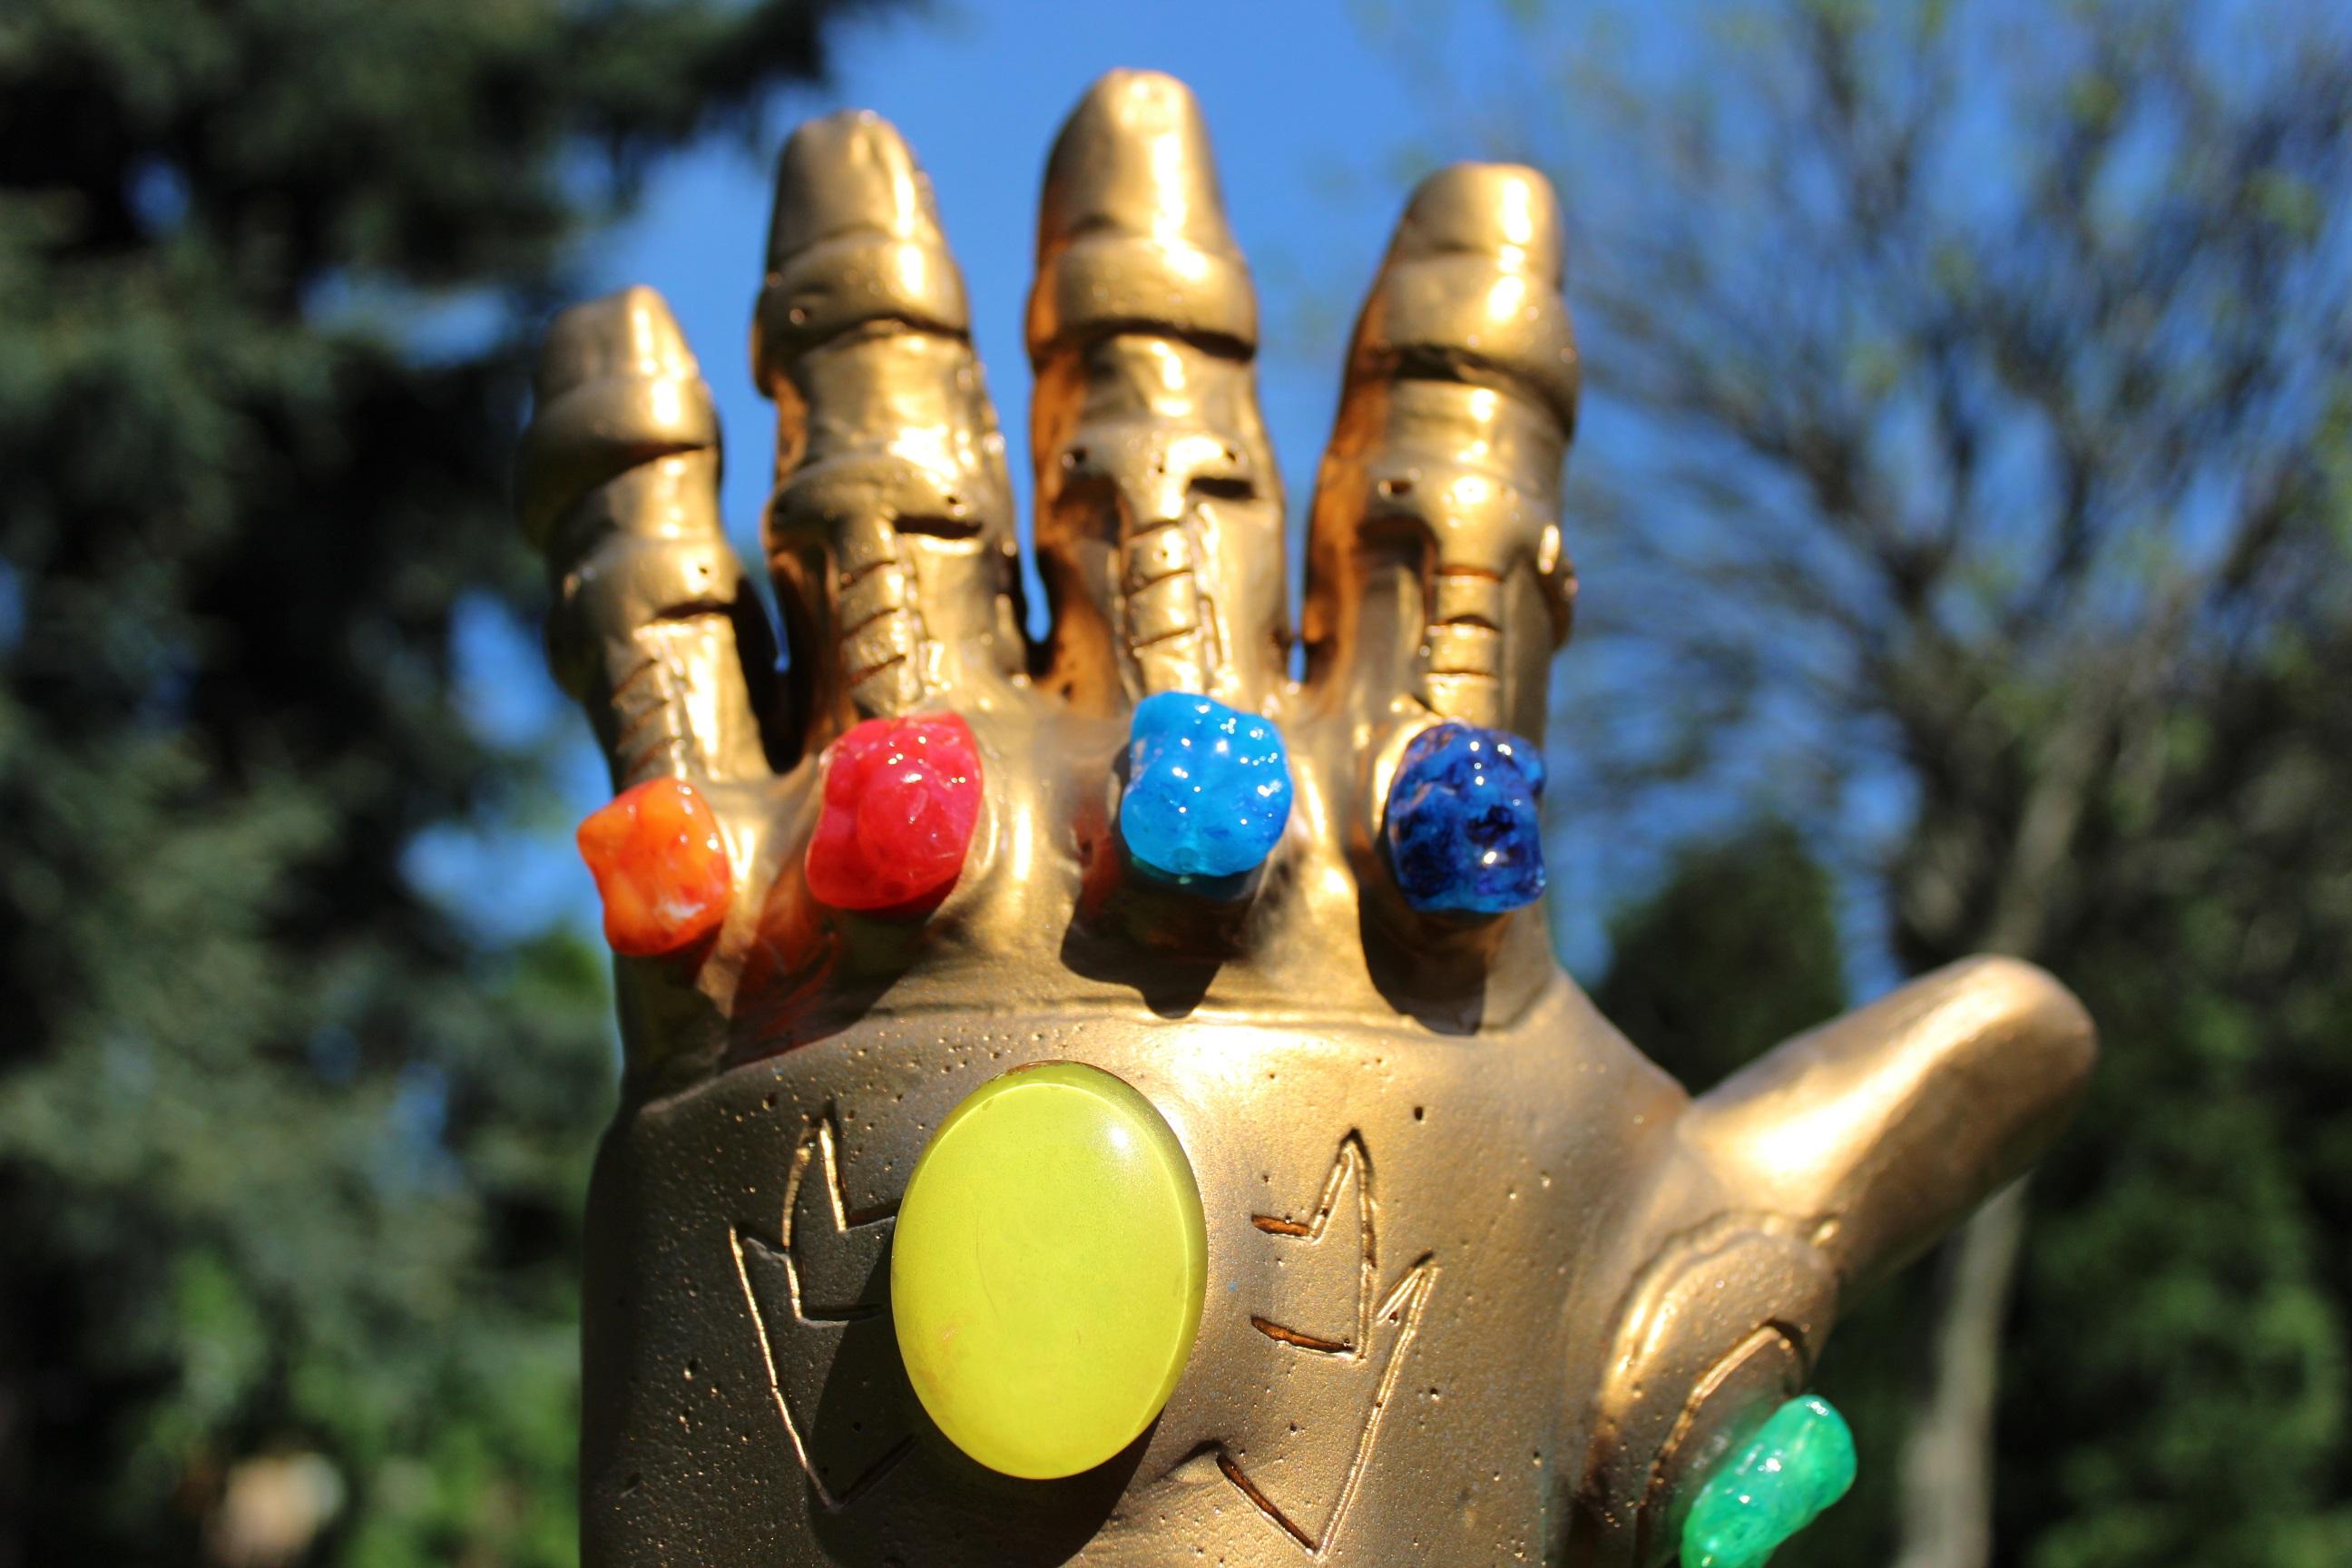 szmk_marvel_avengers_infinity_gauntlet_bosszuallok_vegtelen_kesztyu_csinald_magad_thanos_10.JPG